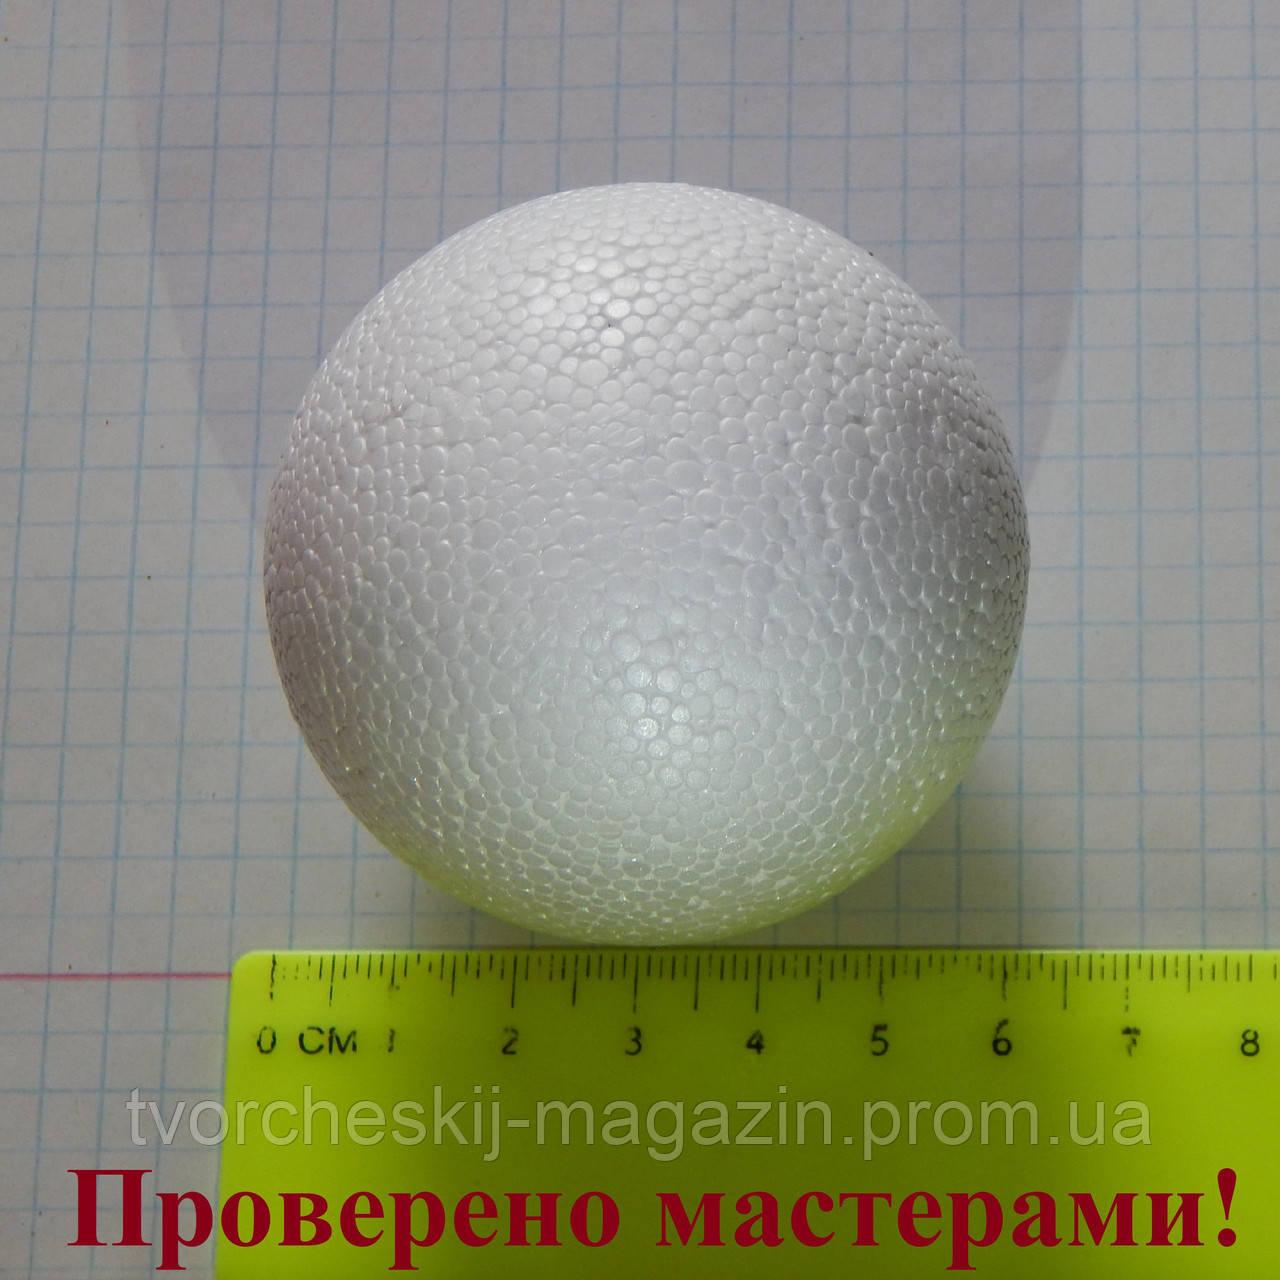 Шар из пенопласта 6 см в диаметре,1 шт.